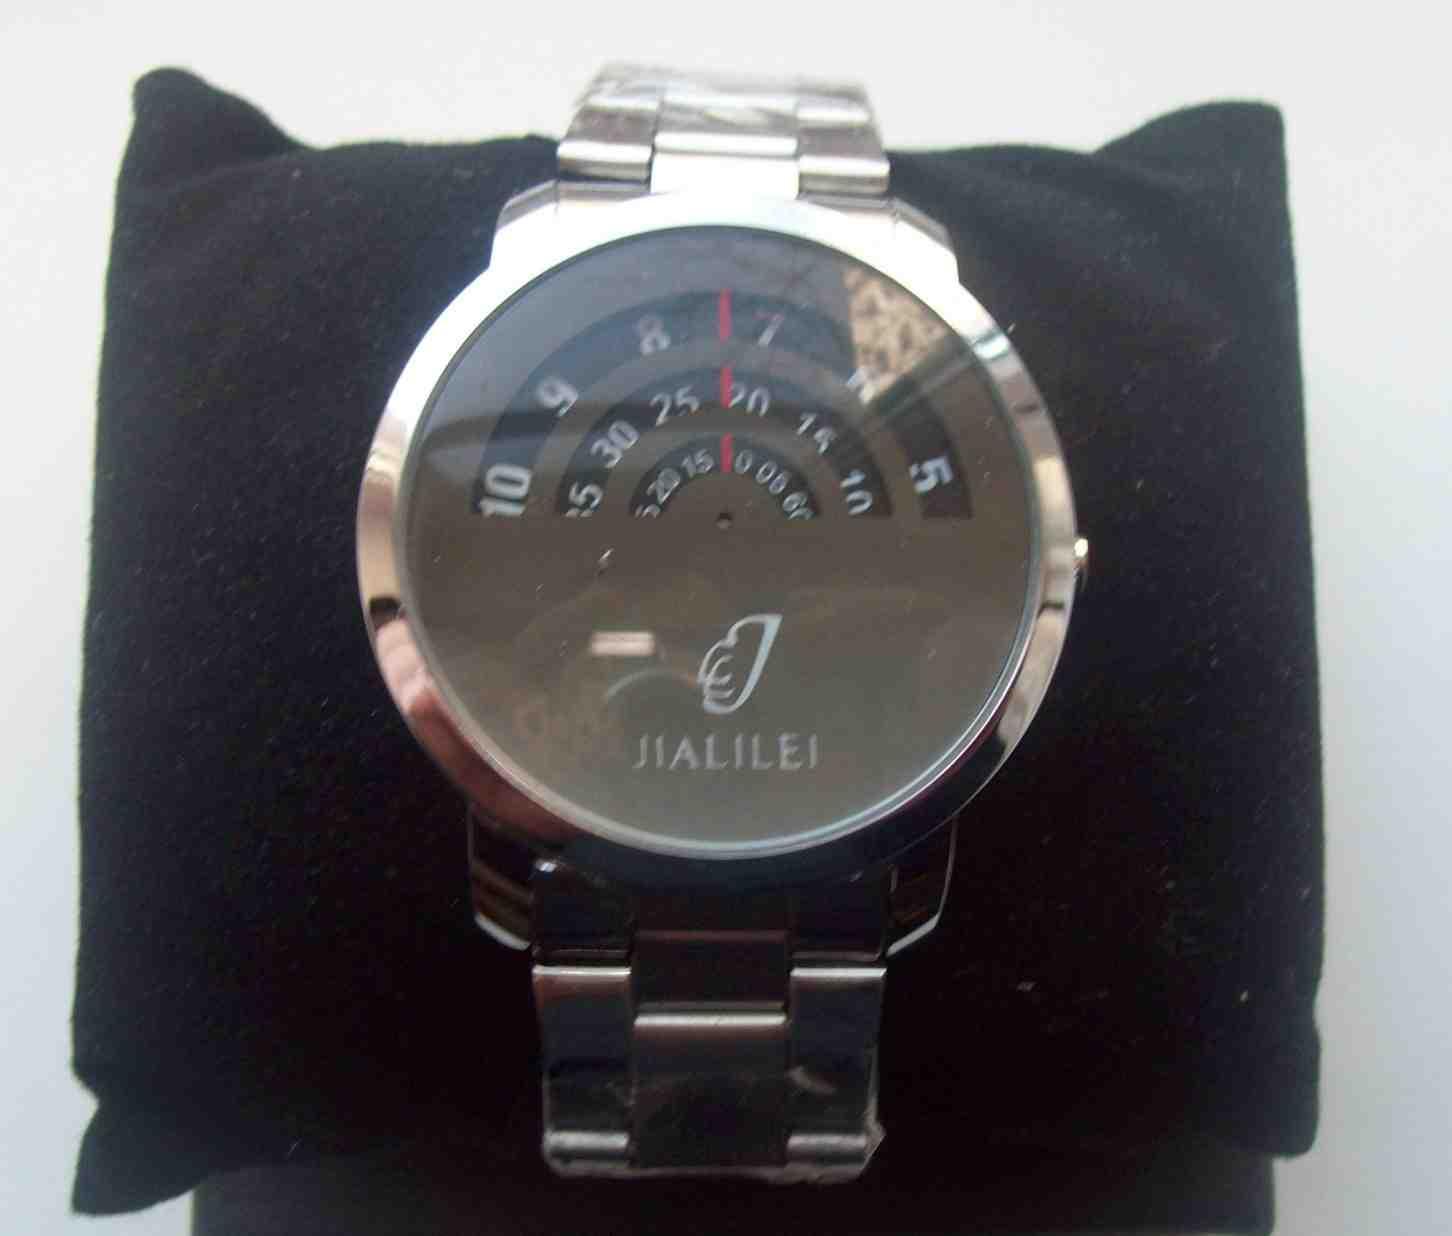 Годинник з 1 стрілкою і 3-ма циферблатами, зображення 1